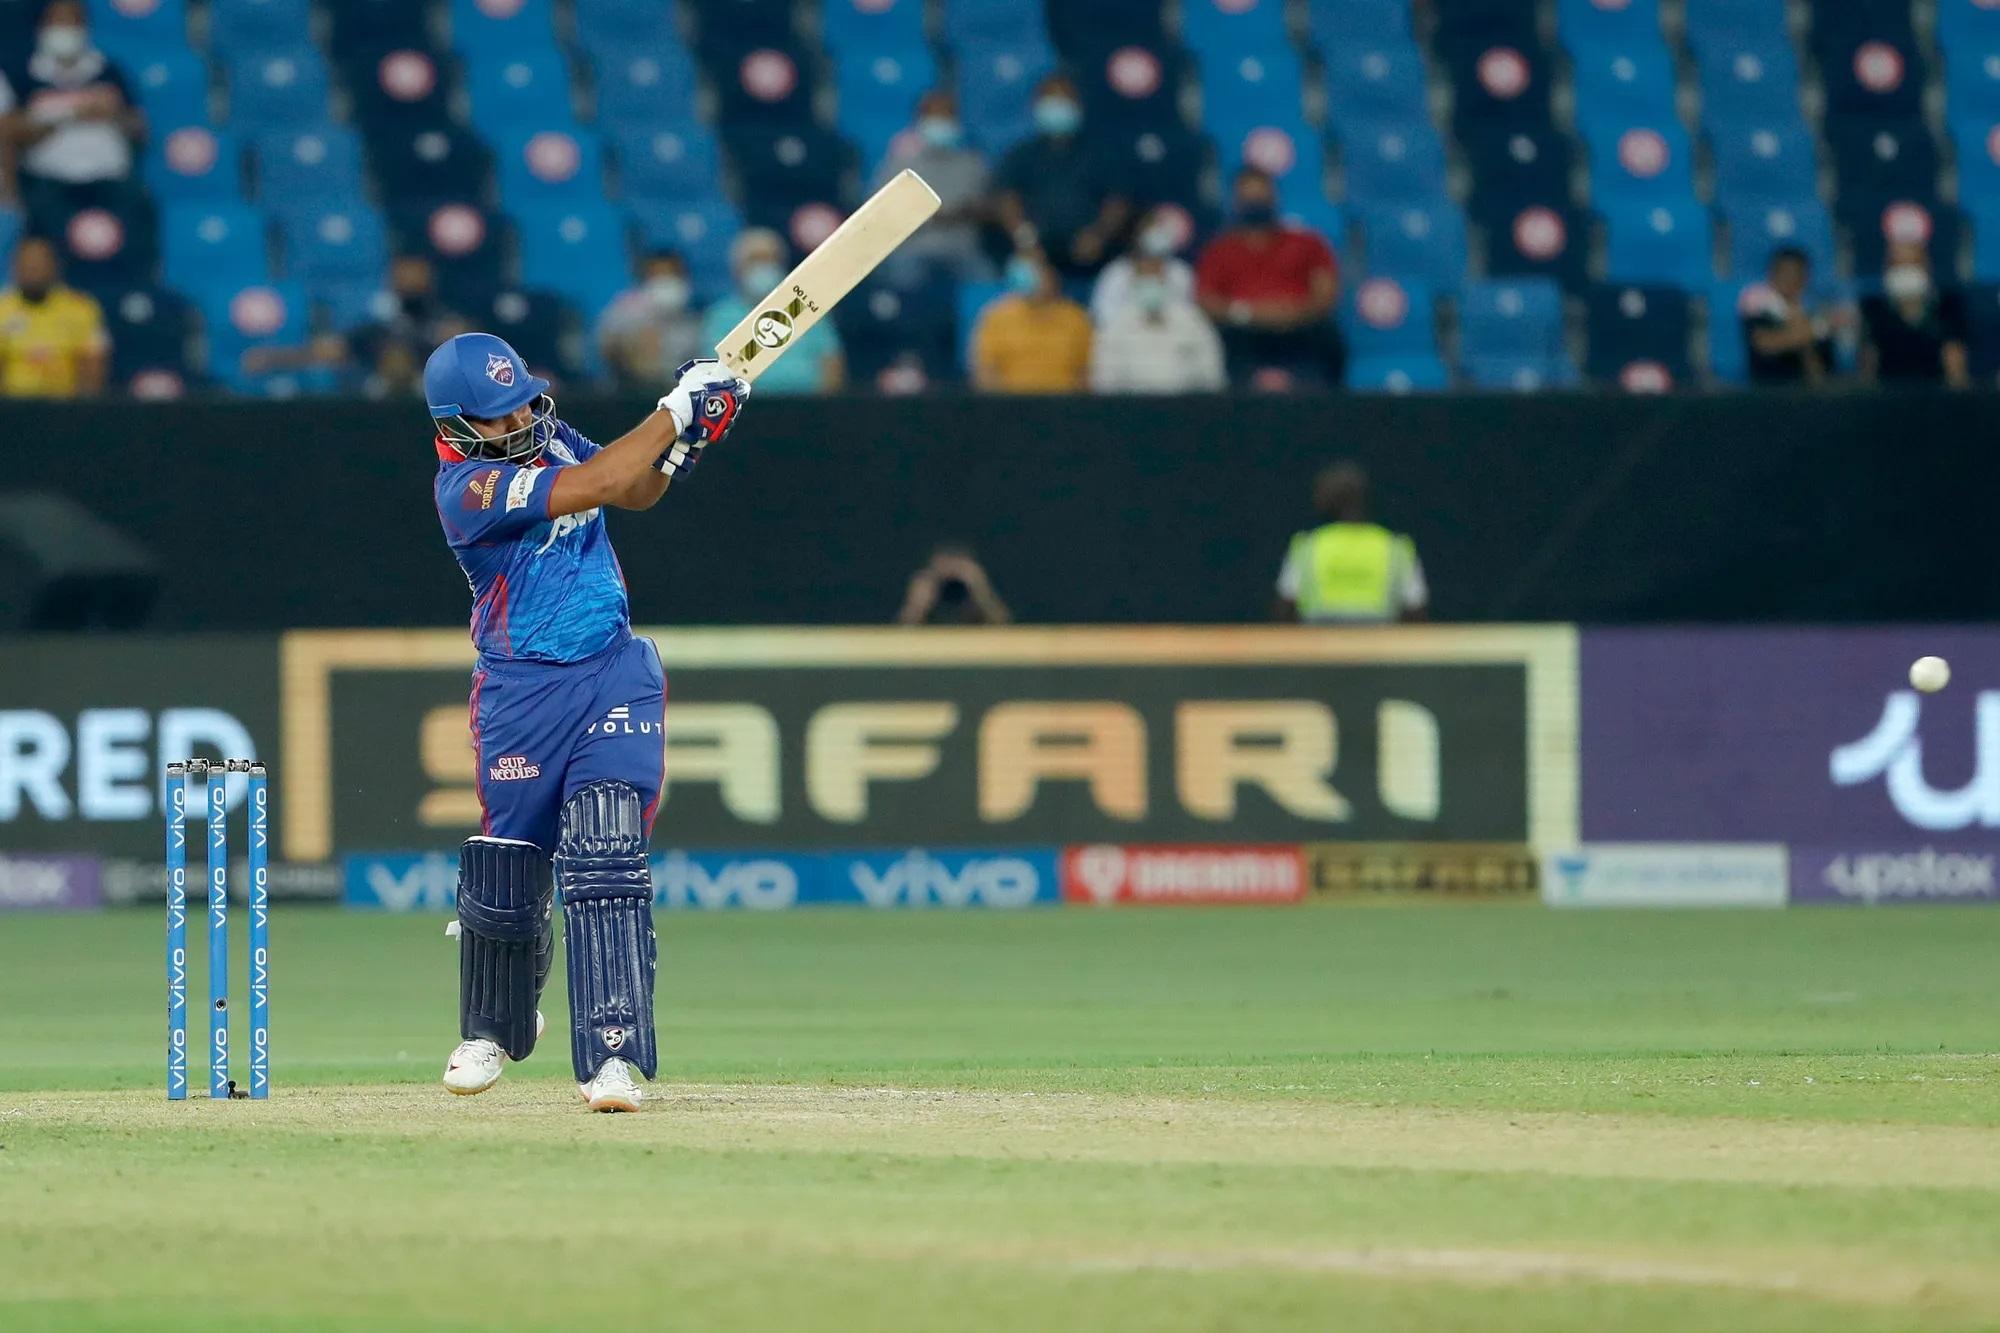 जब धोनी टॉस जीतकर अपने ड्रेसिंग रूम की ओर जा रहे थे तब दिल्ली के दूसरे खिलाड़ी तो नहीं लेकिन पृथ्वी शॉ भागते हुए आए। उन्होंने धोनी को हैलो बोला और हाथ मिलाया। धोनी ने भी उन्हें गुड लक बोल दिया। इसके बाद दिल्ली की पारी शुरू करने आए पृथ्वी ने 34 गेंद में 60 रन बना डाले। एक बार धोनी ने उनका कैच भी ड्रॉप किया।